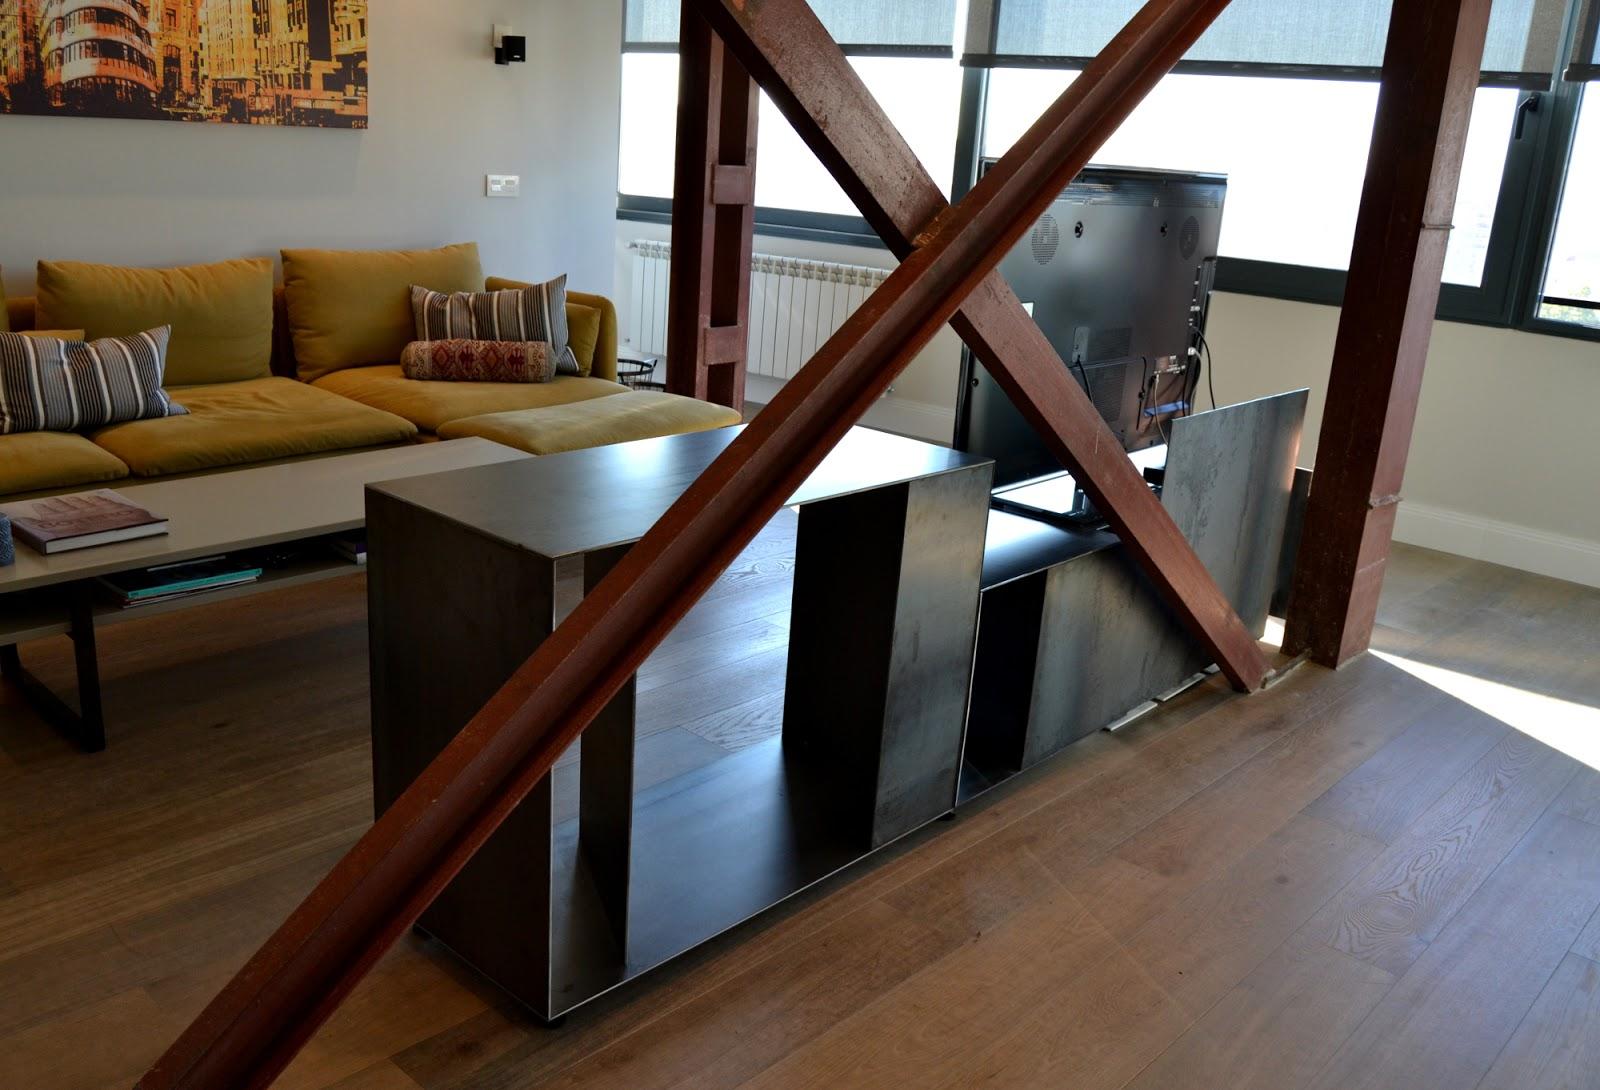 Austral construcciones dise o de mueble para televisi n for Diseno de muebles de hierro